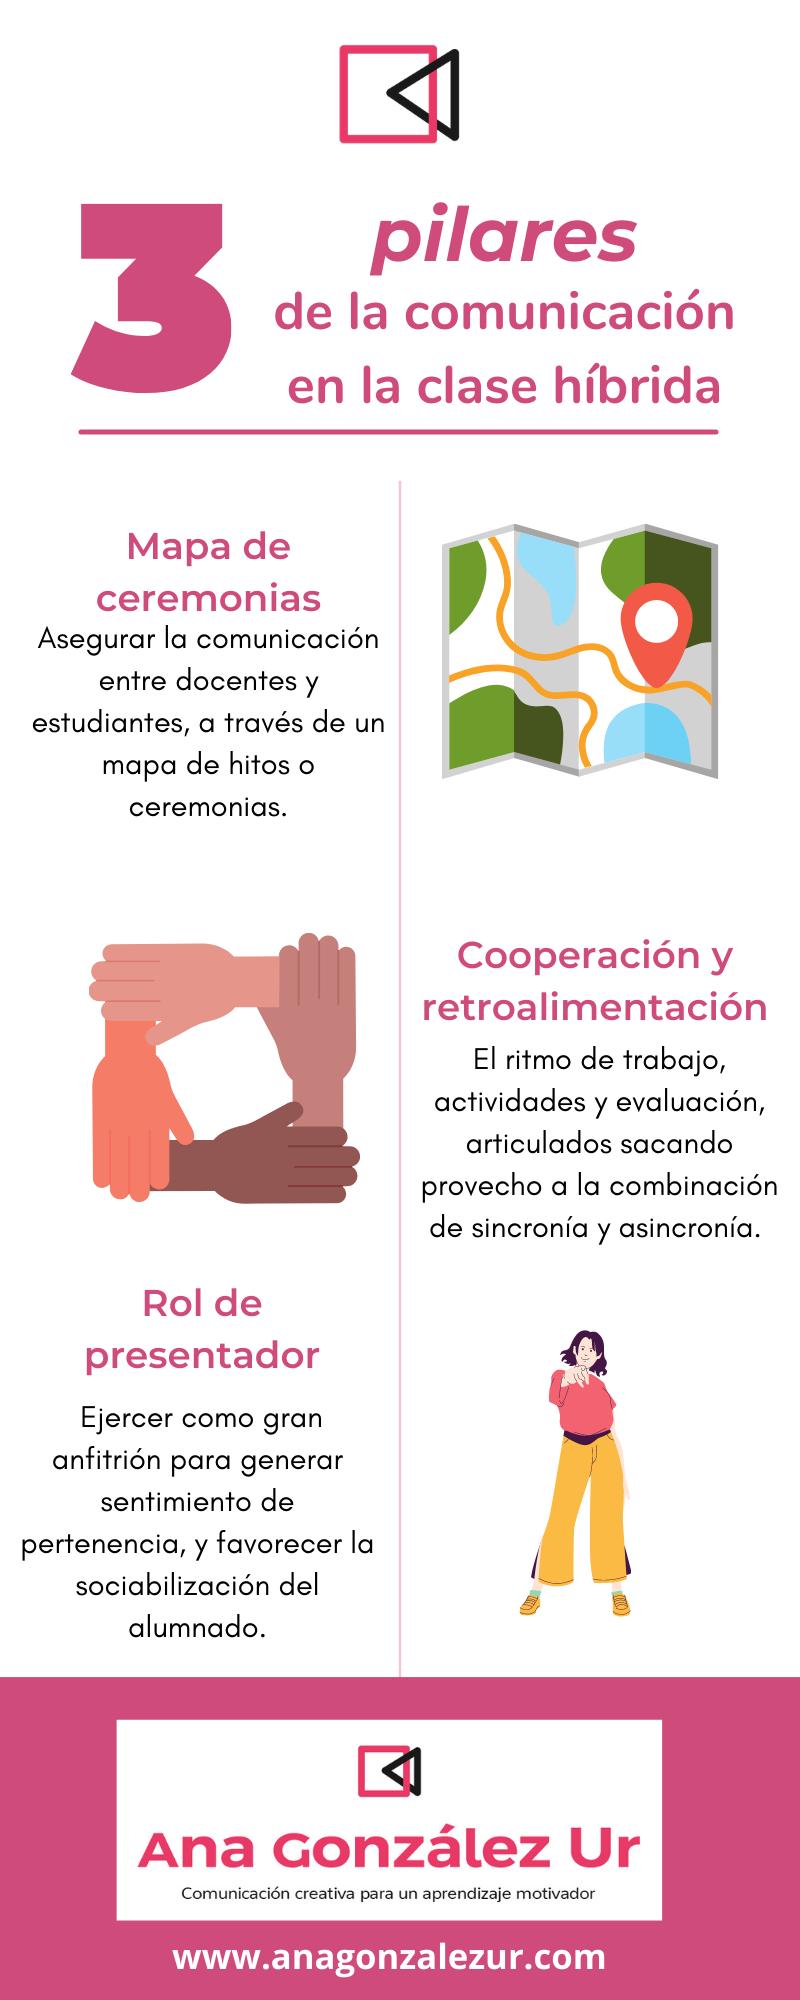 3 Pilares de la Comunicación en la Clase Híbrida